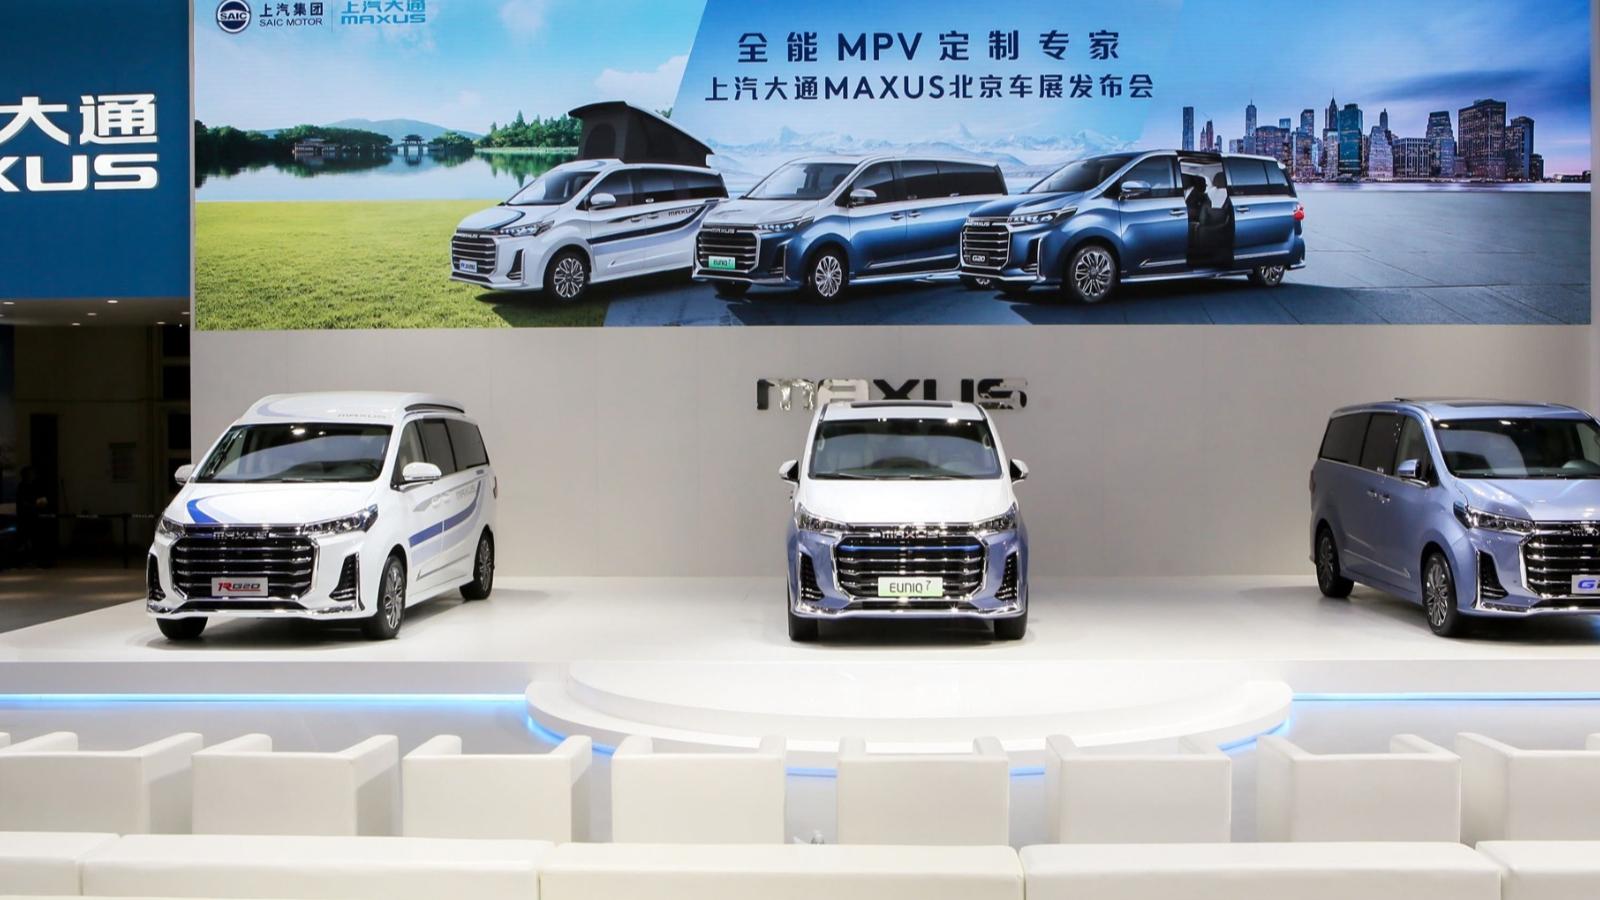 26.98万起覆盖商务旅居全领域,上汽大通MAXUS连发三款重磅MPV